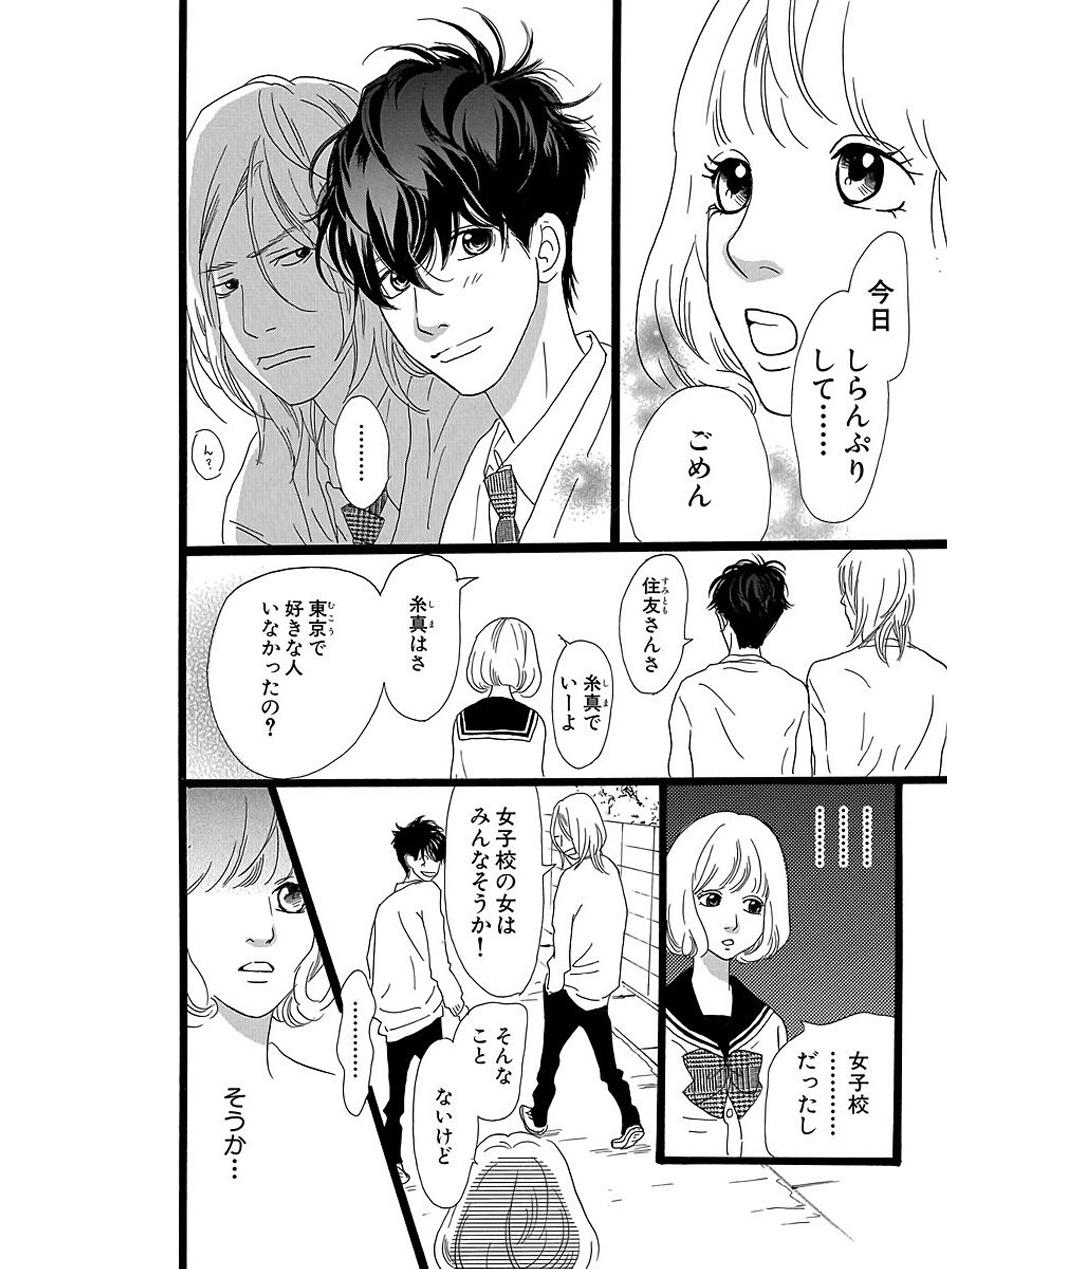 プリンシパル 第1話 試し読み_1_1-56